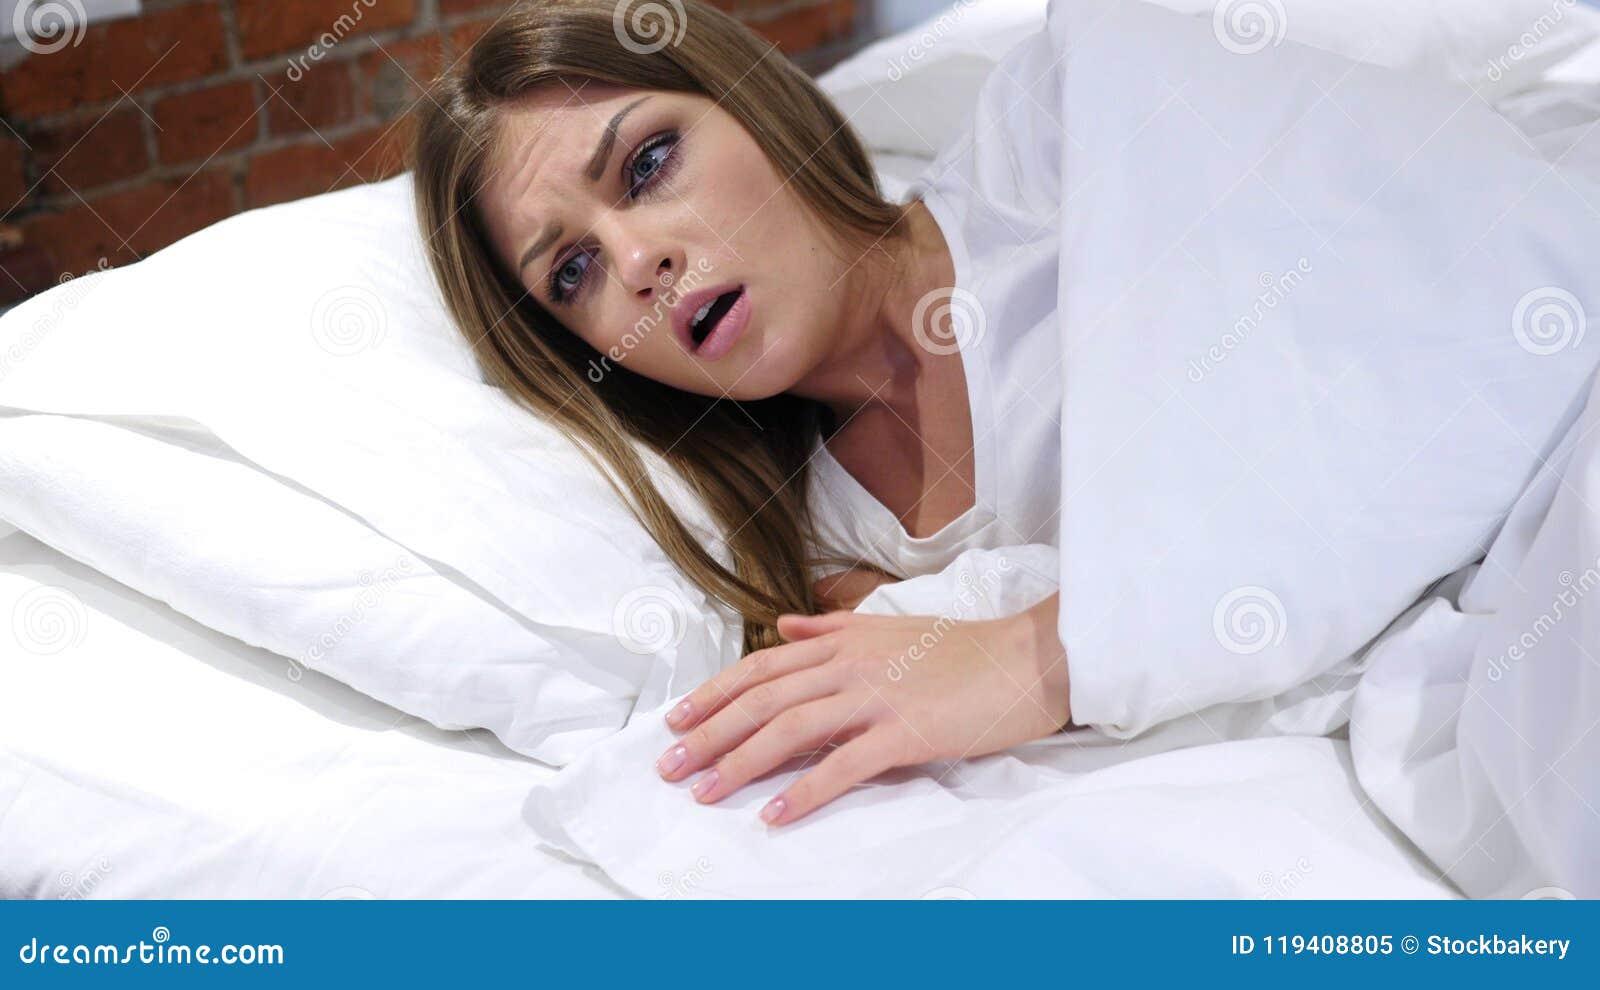 La pesadilla, mujer durmiente se despierta por sueño asustadizo